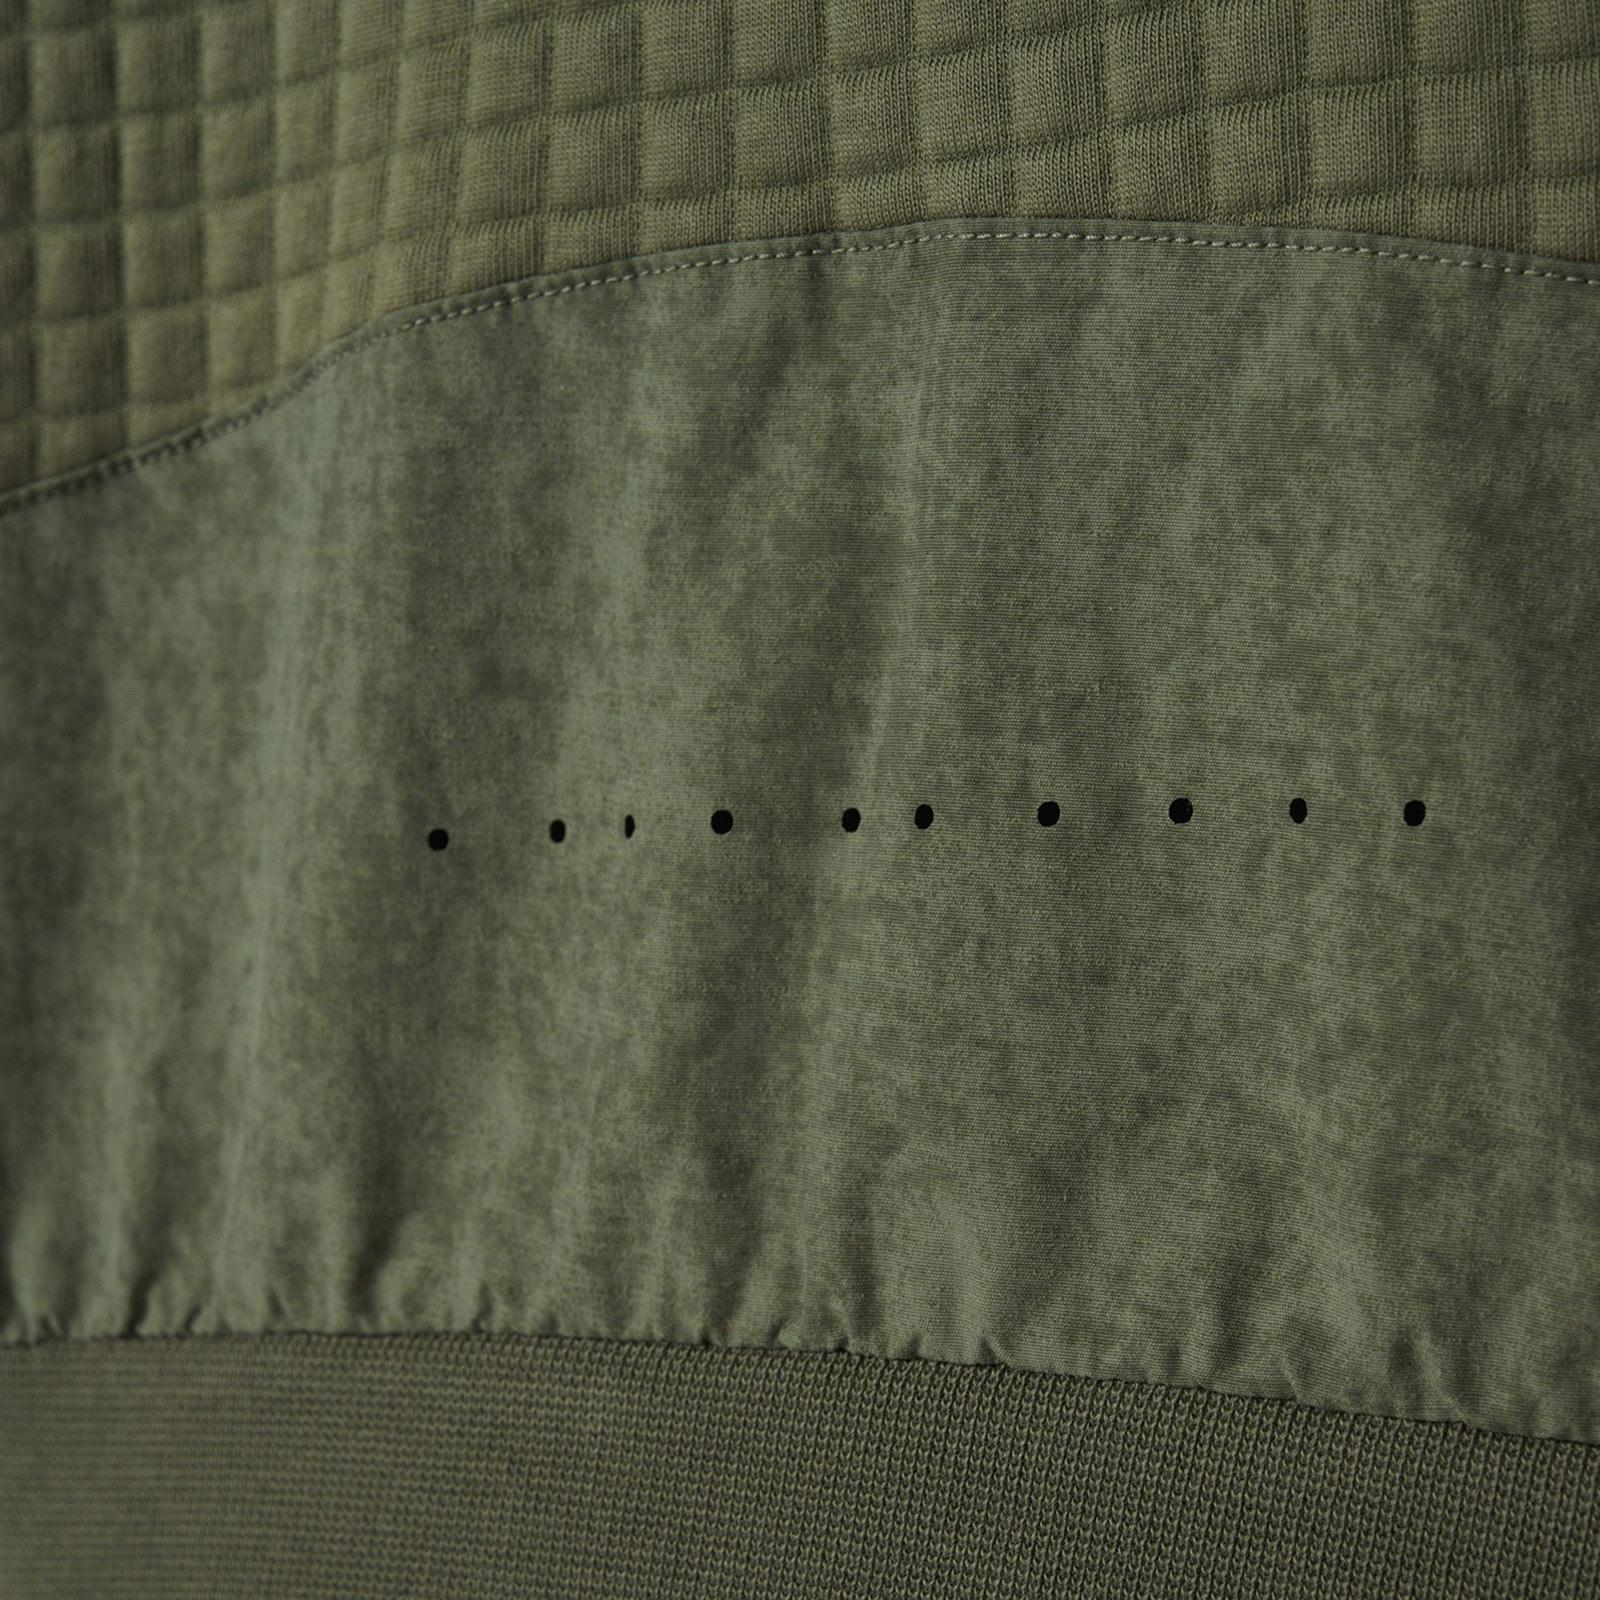 Jacket Womens All Adidas Sizes Bomber Moonwashed New qZCxIwFWO